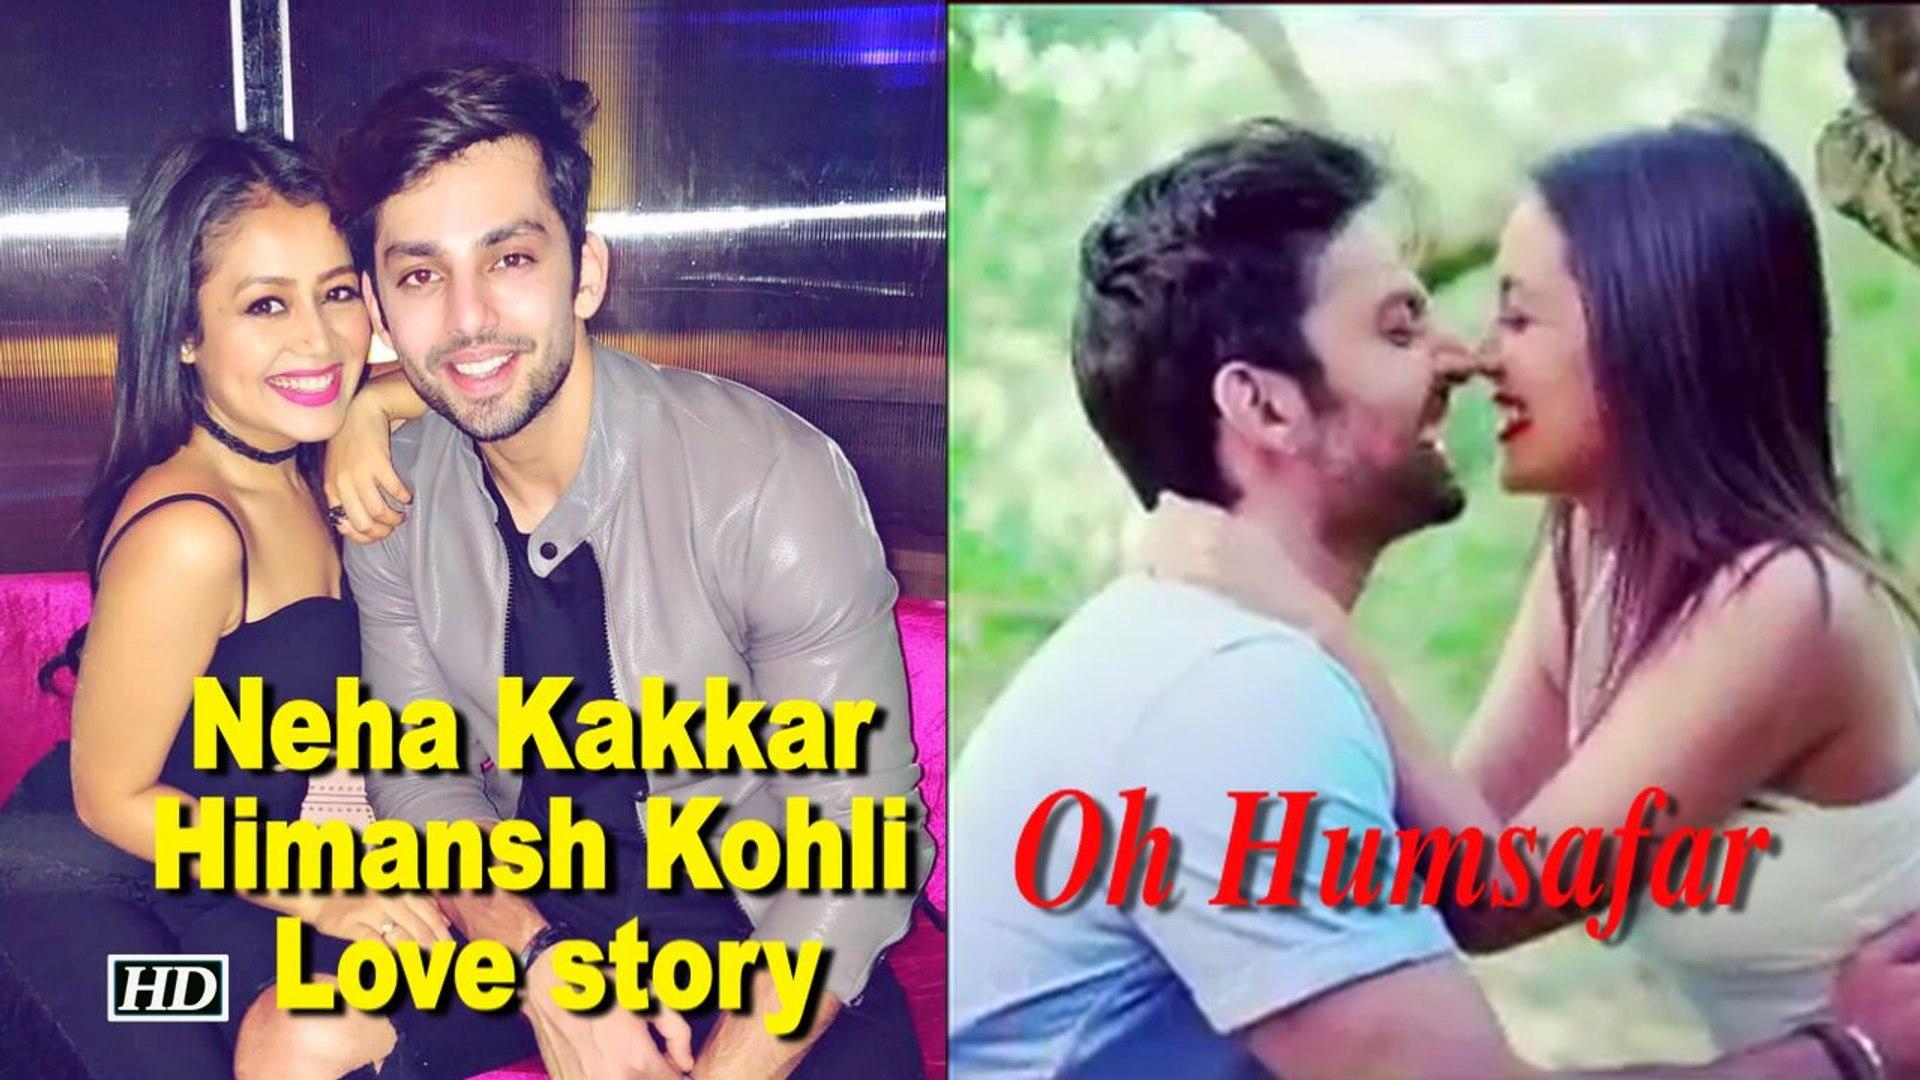 Neha Kakkar Himansh Kohli Love Story Revealed Humsafar Song Video Dailymotion